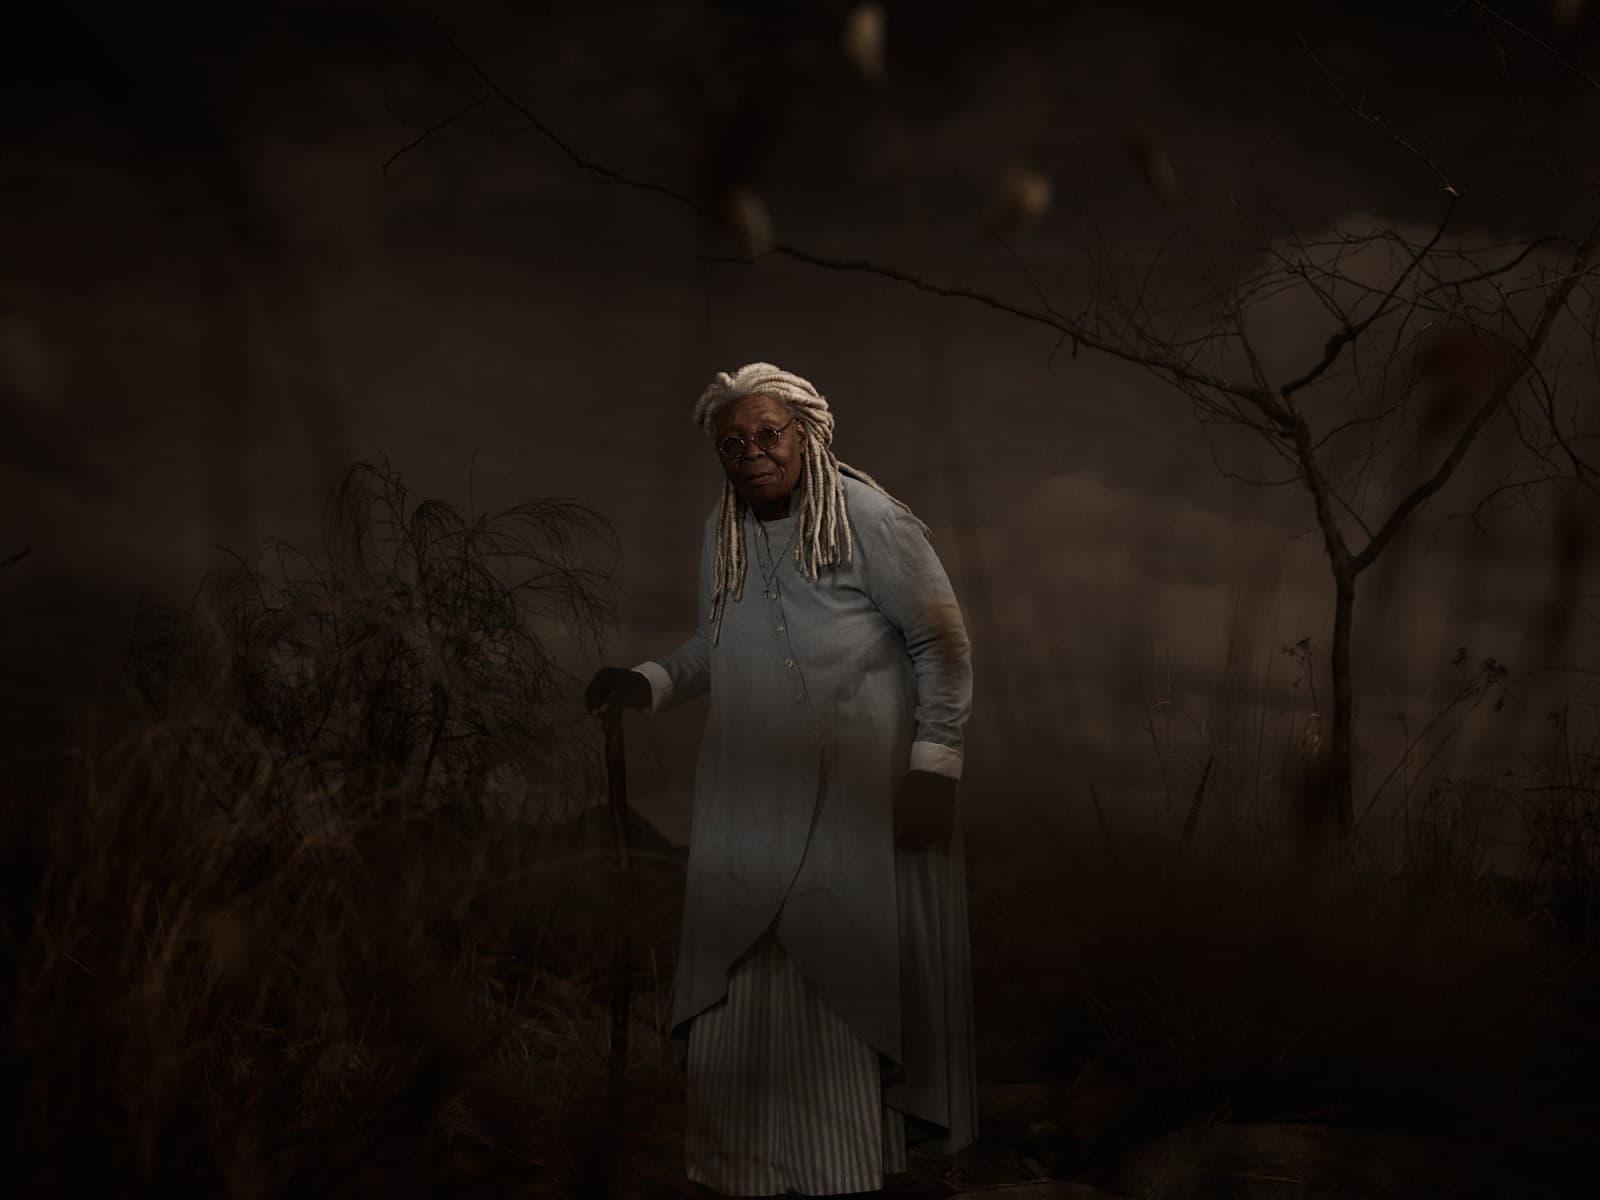 Сериал «Противостояние» по роману Стивена Кинга выйдет в декабре 2020 года - 01